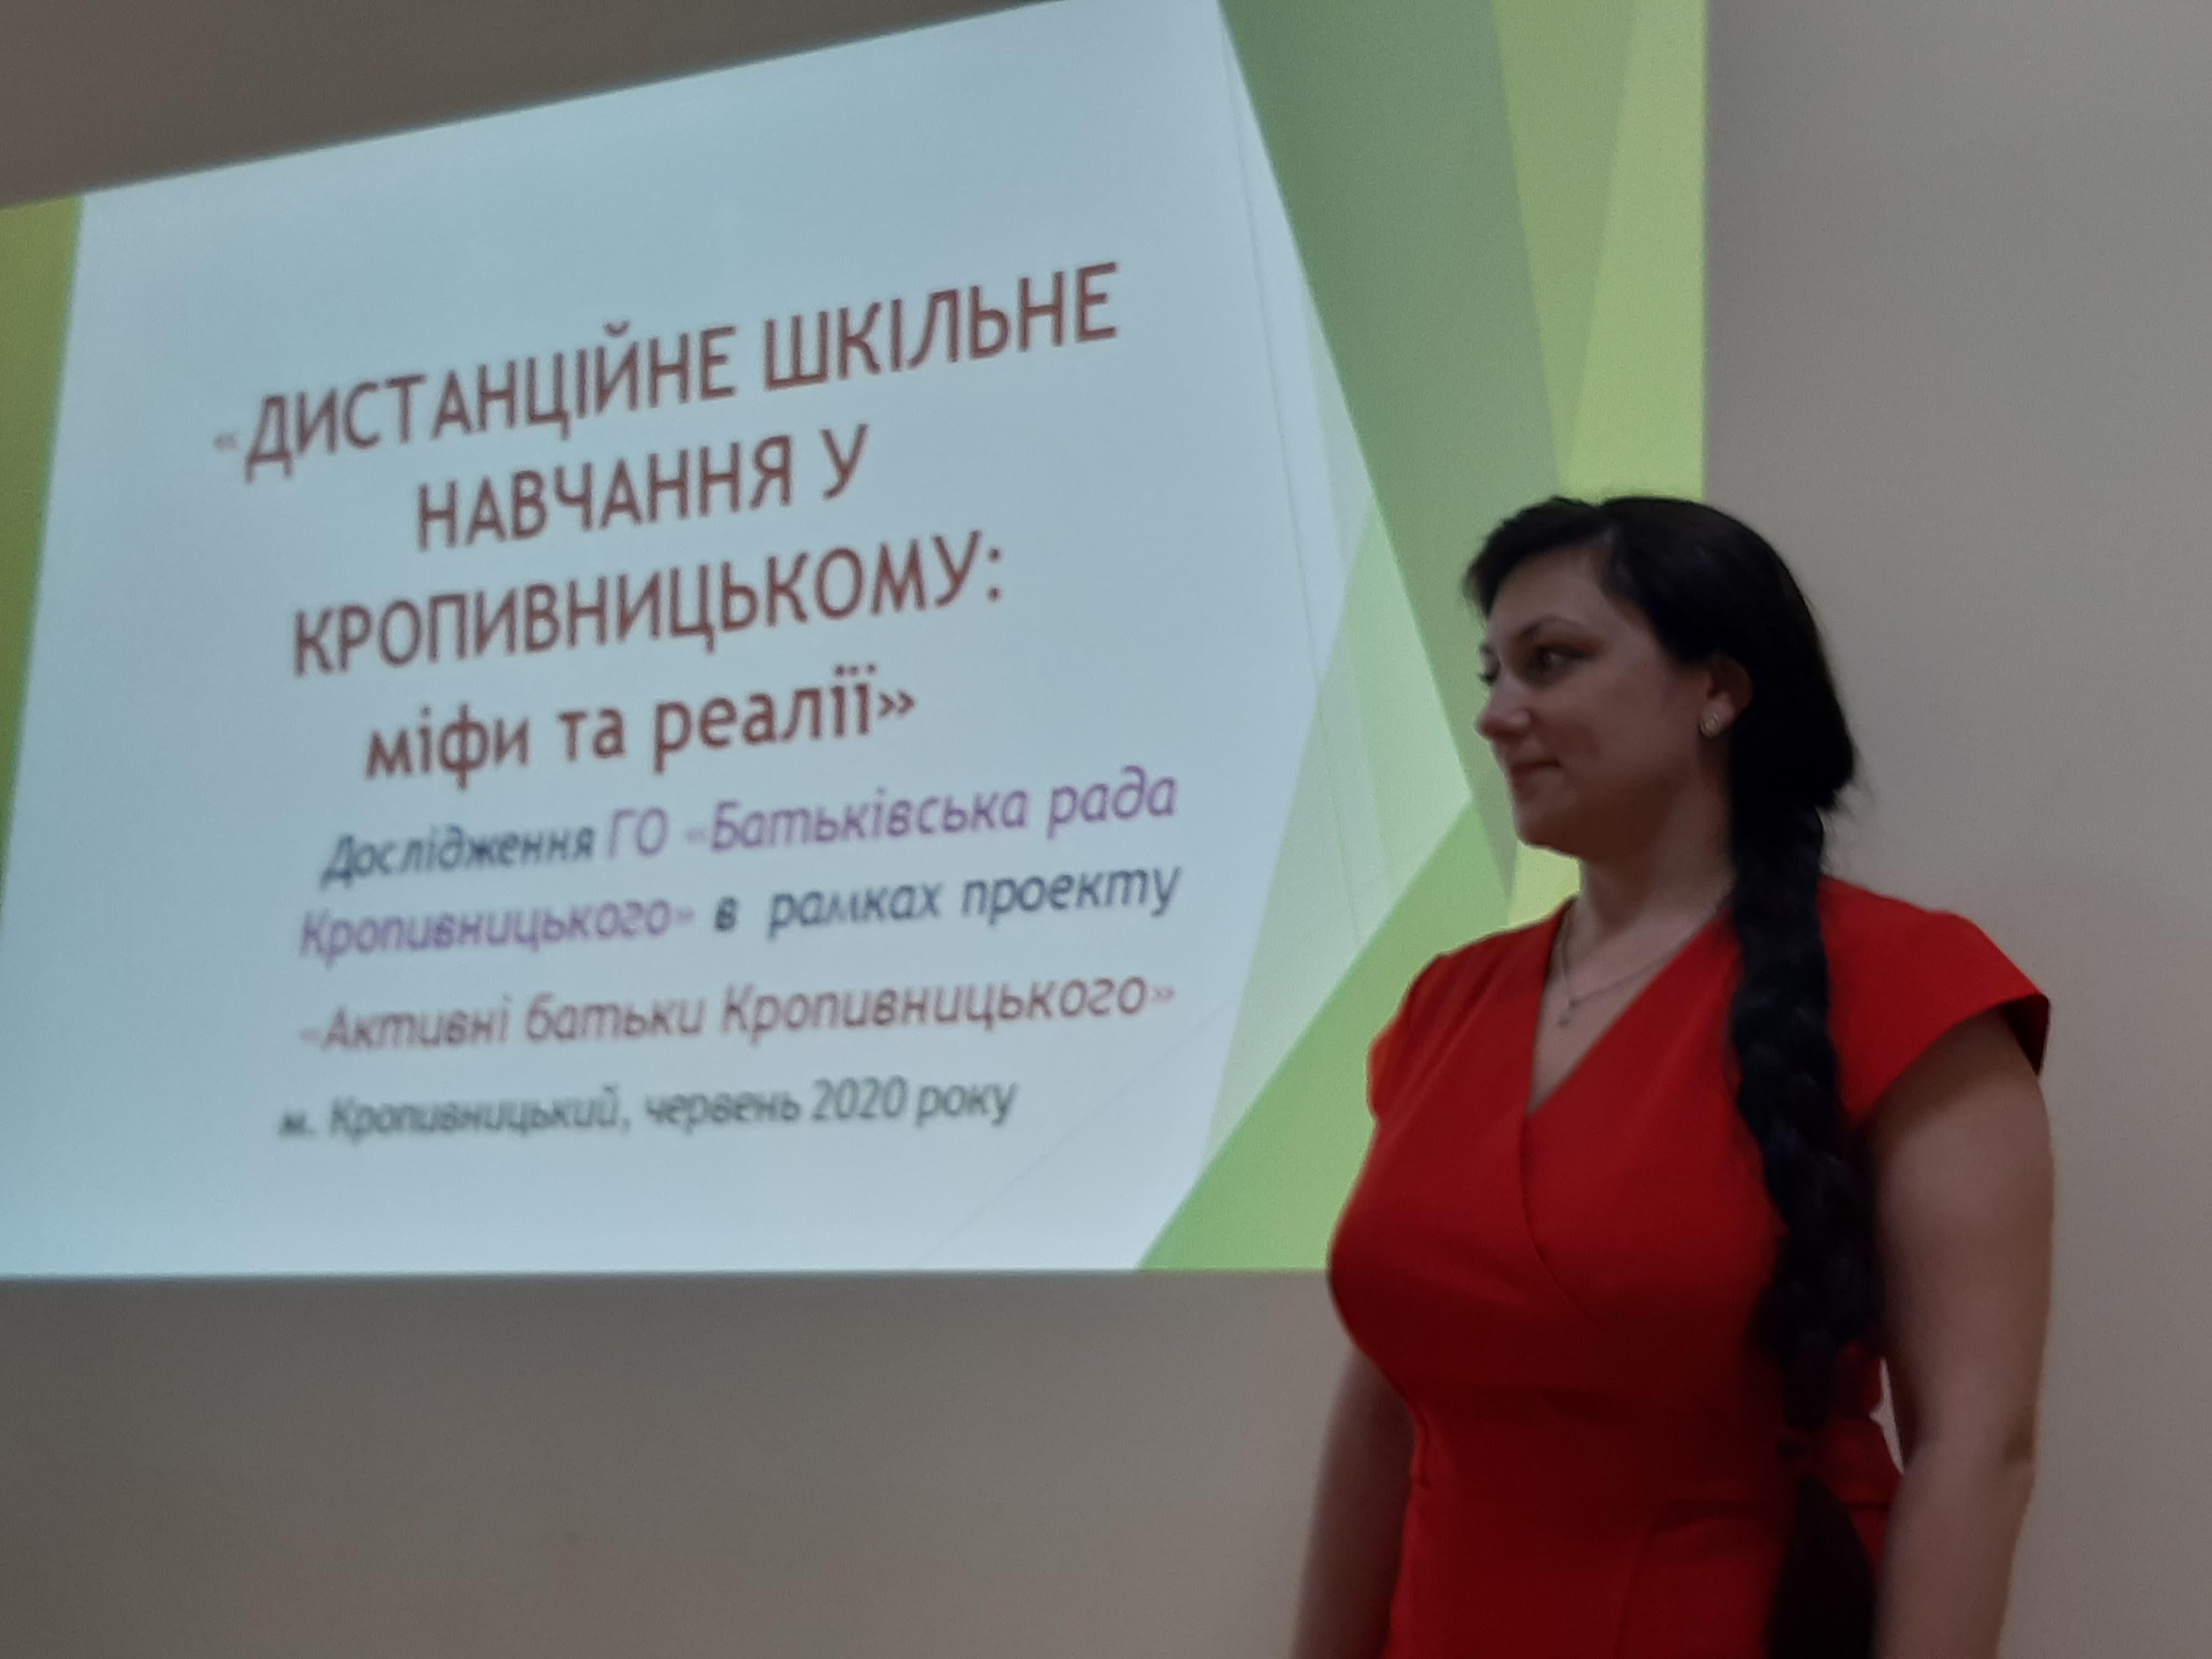 Як вiдбувалося дистанцiйне навчання у Кропивницькому